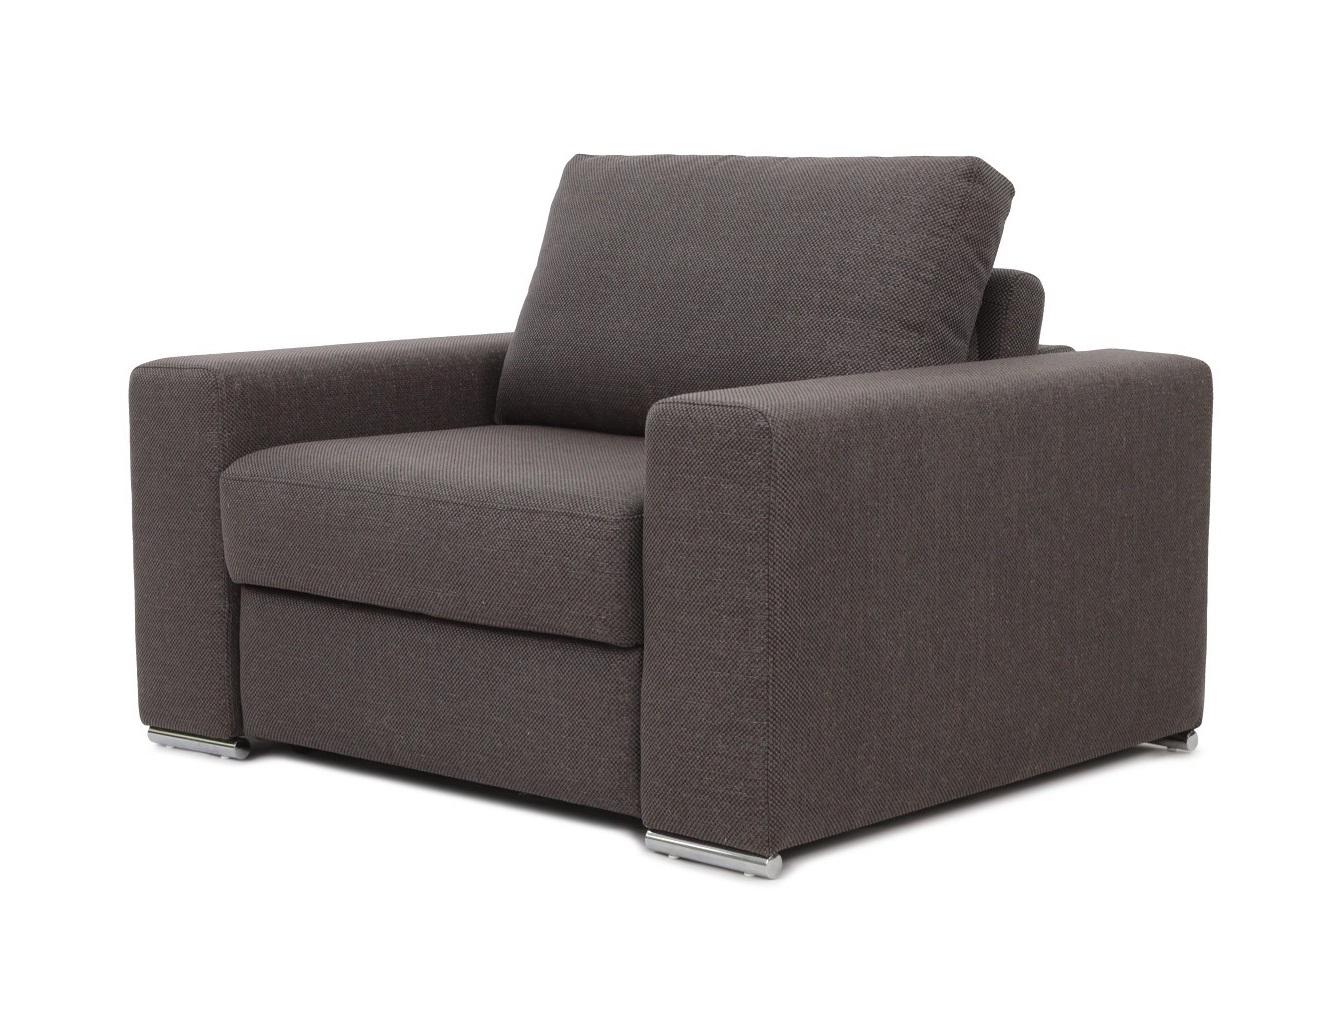 Кресло МилтонИнтерьерные кресла<br>Кресло &amp;quot;Милтон&amp;quot; является набором нескольких частей модульного дивана &amp;quot;Милтон&amp;quot;, который позволяет делать различные варианты комплектаций для Вашего идеального жилья. Обладая выверенными формами и современным дизайном, &amp;quot;Милтон&amp;quot; прекрасно впишется в Ваше пространство, подчеркнув Ваш стиль и характер!&amp;lt;div&amp;gt;&amp;lt;br&amp;gt;&amp;lt;div&amp;gt;Большой выбор обивочных тканей (подробности уточняйте у менеджера)&amp;lt;/div&amp;gt;&amp;lt;/div&amp;gt;<br><br>Material: Текстиль<br>Ширина см: 107<br>Высота см: 90<br>Глубина см: 104